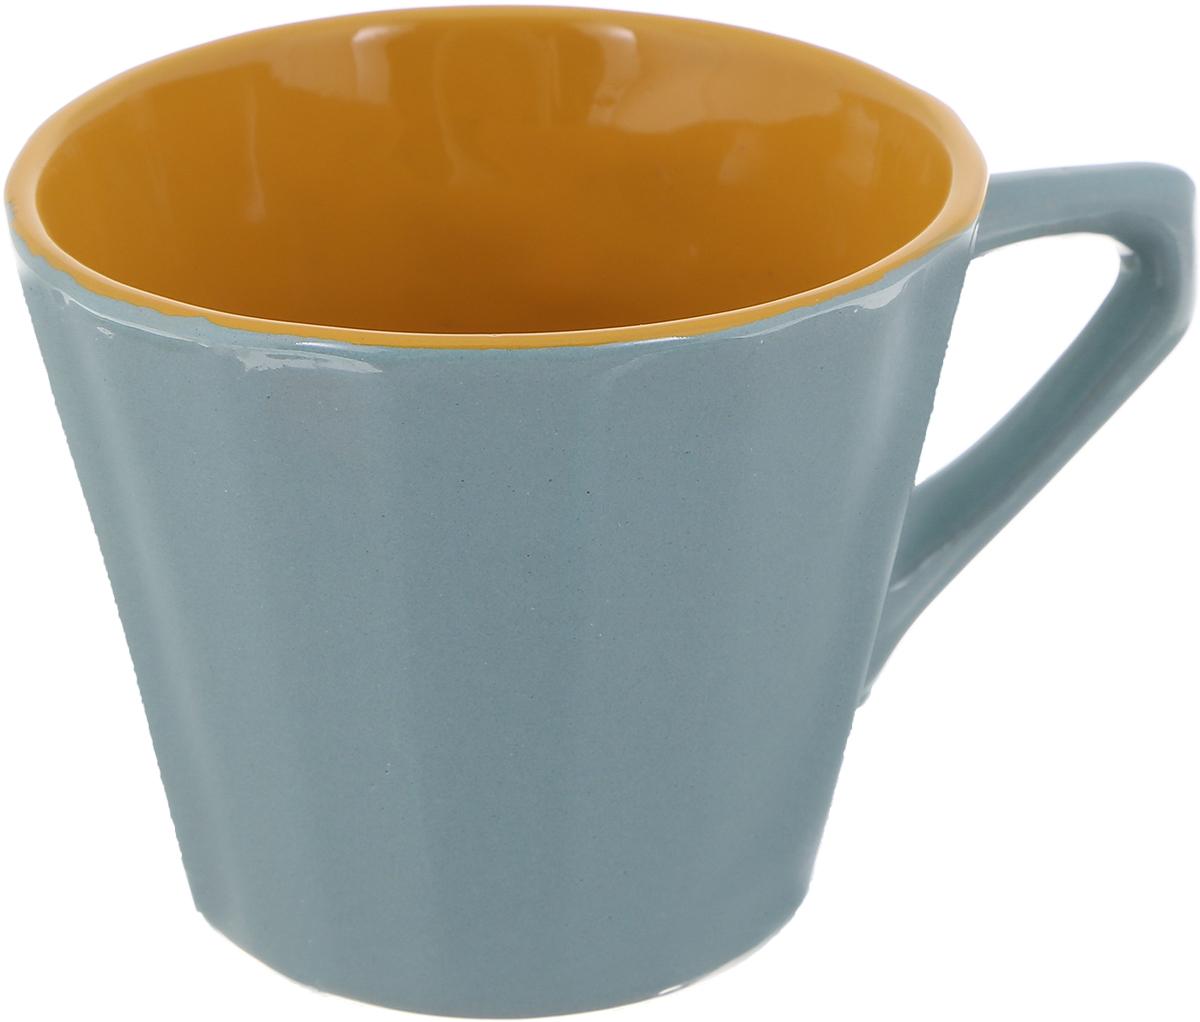 Чашка чайная Борисовская керамика Ностальгия, 200 млРАД14458000Чашка Ностальгия №2 РАД14458000. Материал: Керамика. Объем: